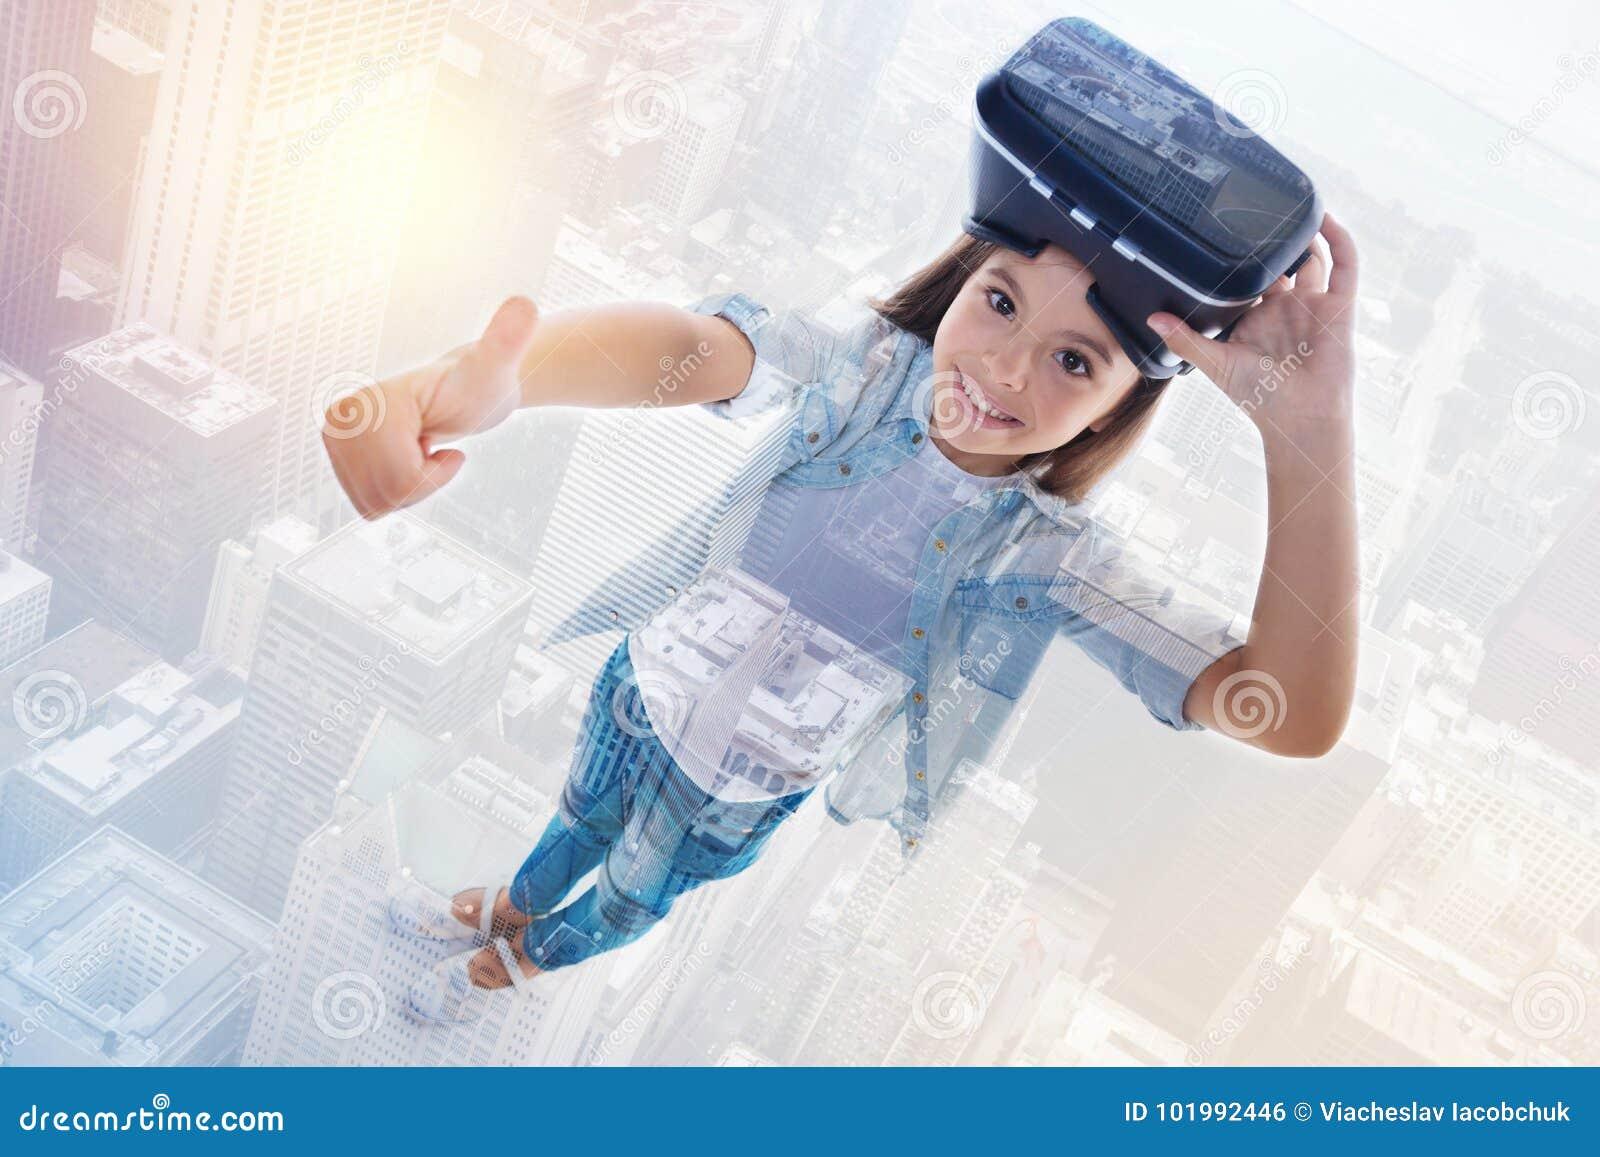 Ragazza sorridente che mostra i pollici su mentre rimuovendo la cuffia avricolare di VR